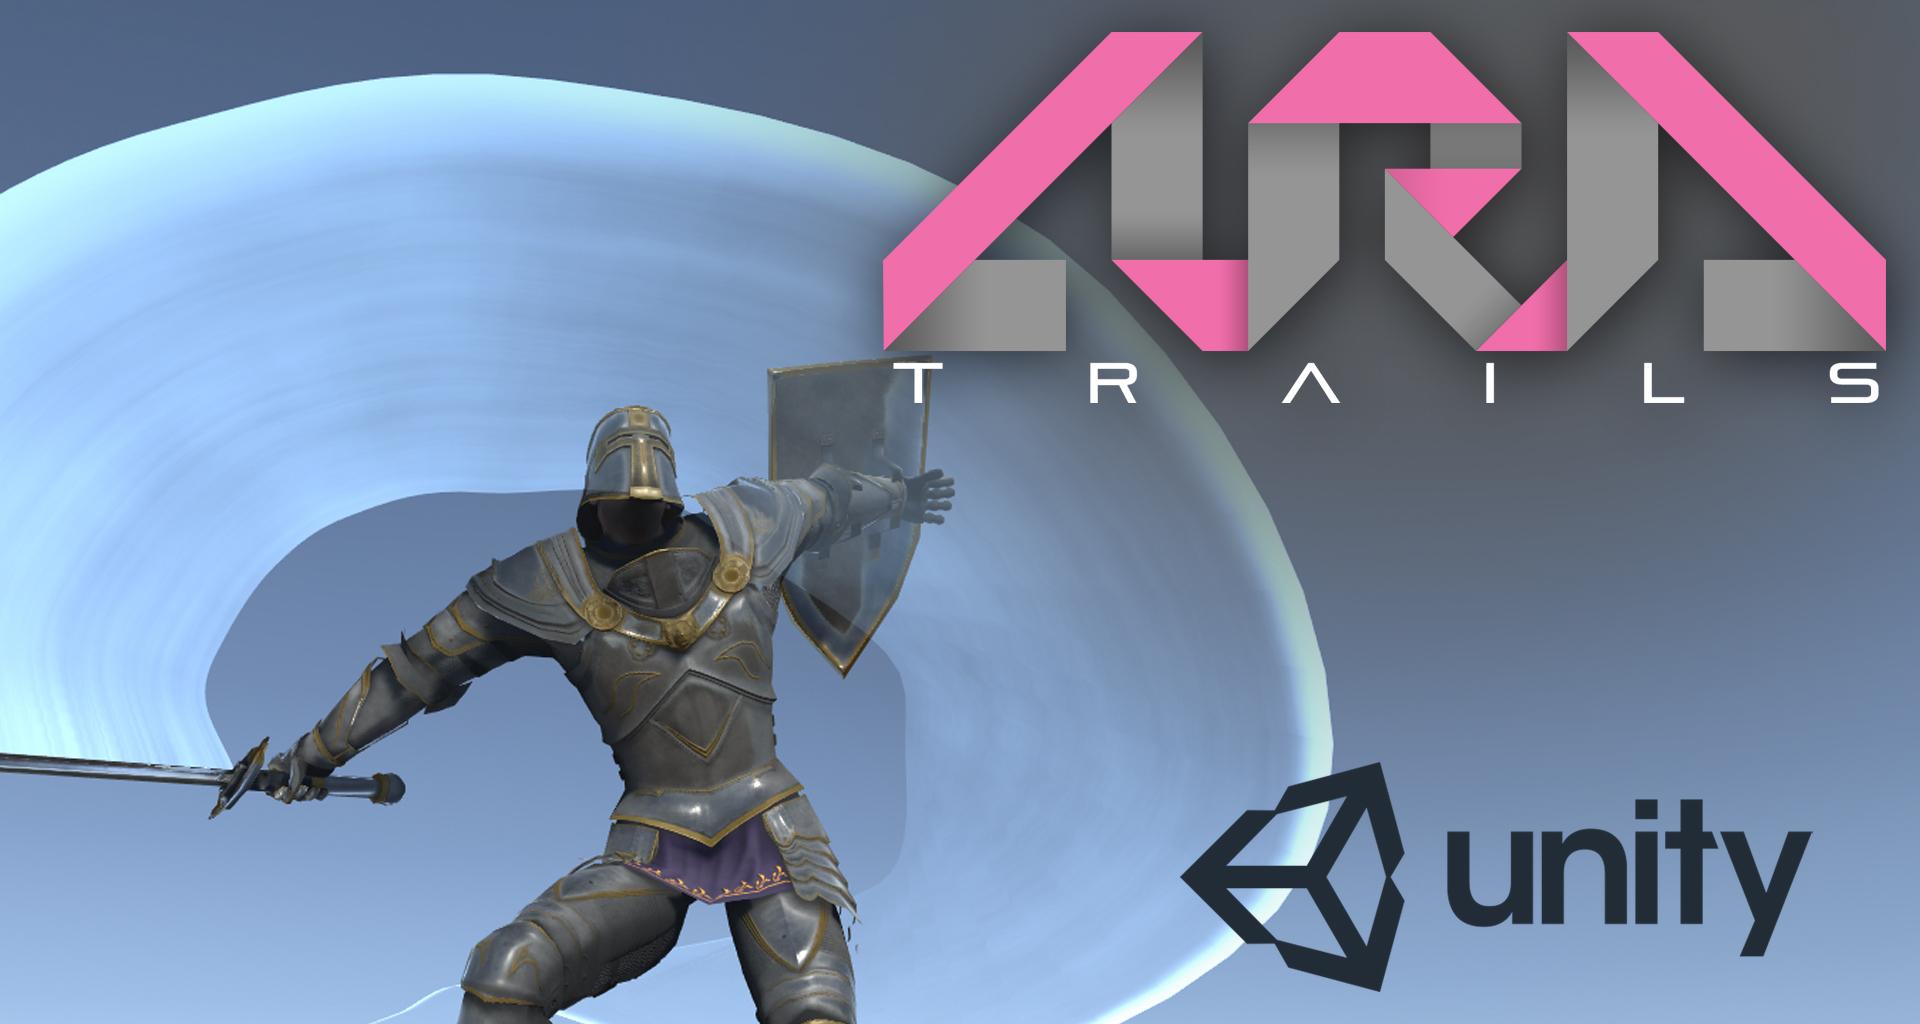 Ara Trails (Asset)